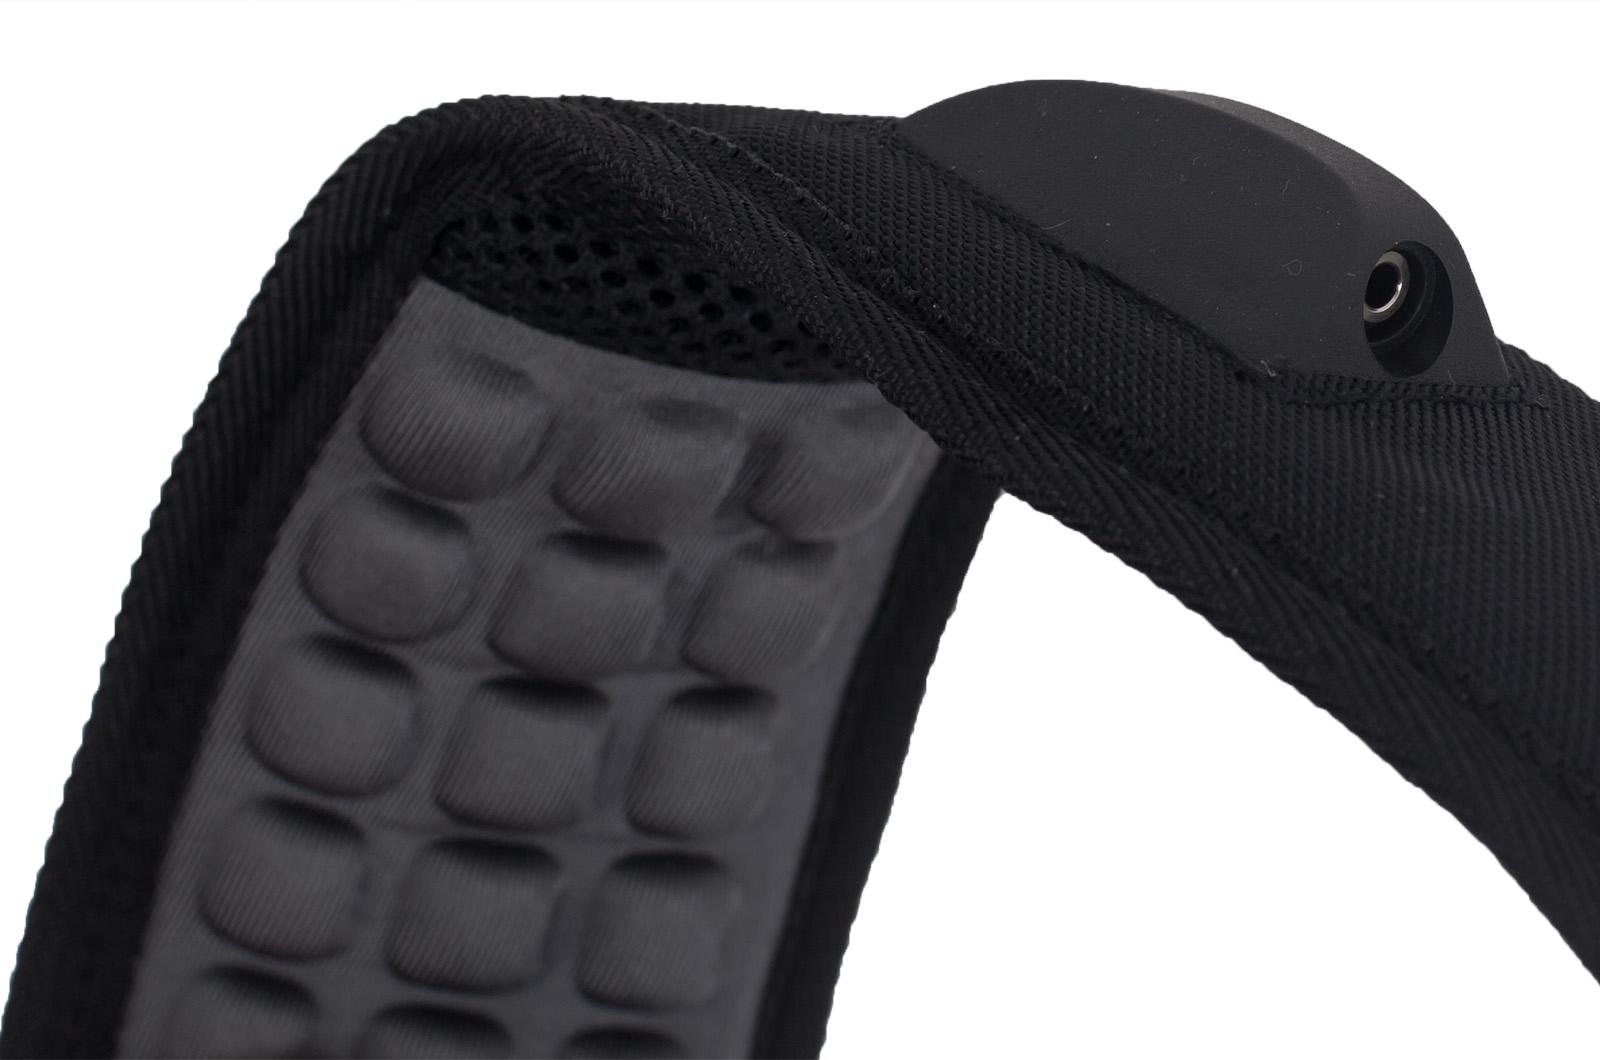 Черный повседневный рюкзак с нашивкой Погранслужбы - купить с доставкой